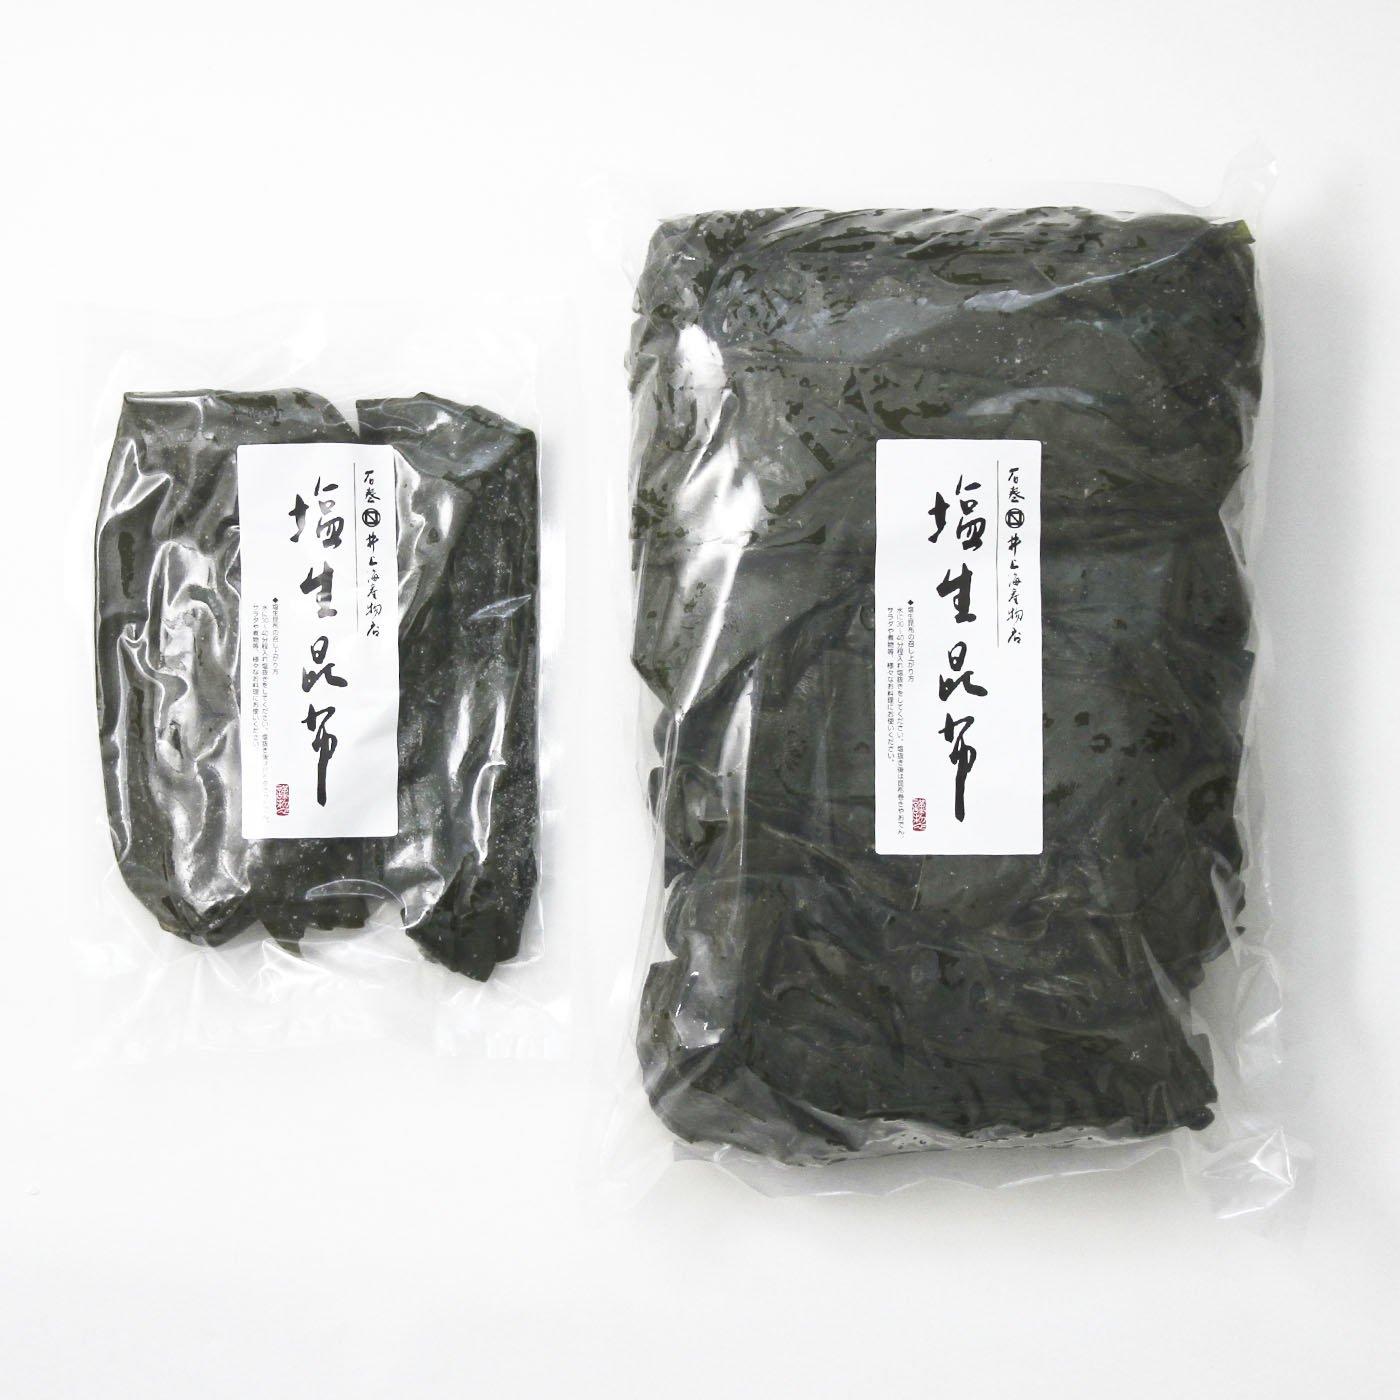 塩蔵昆布 業務用 3.6kg